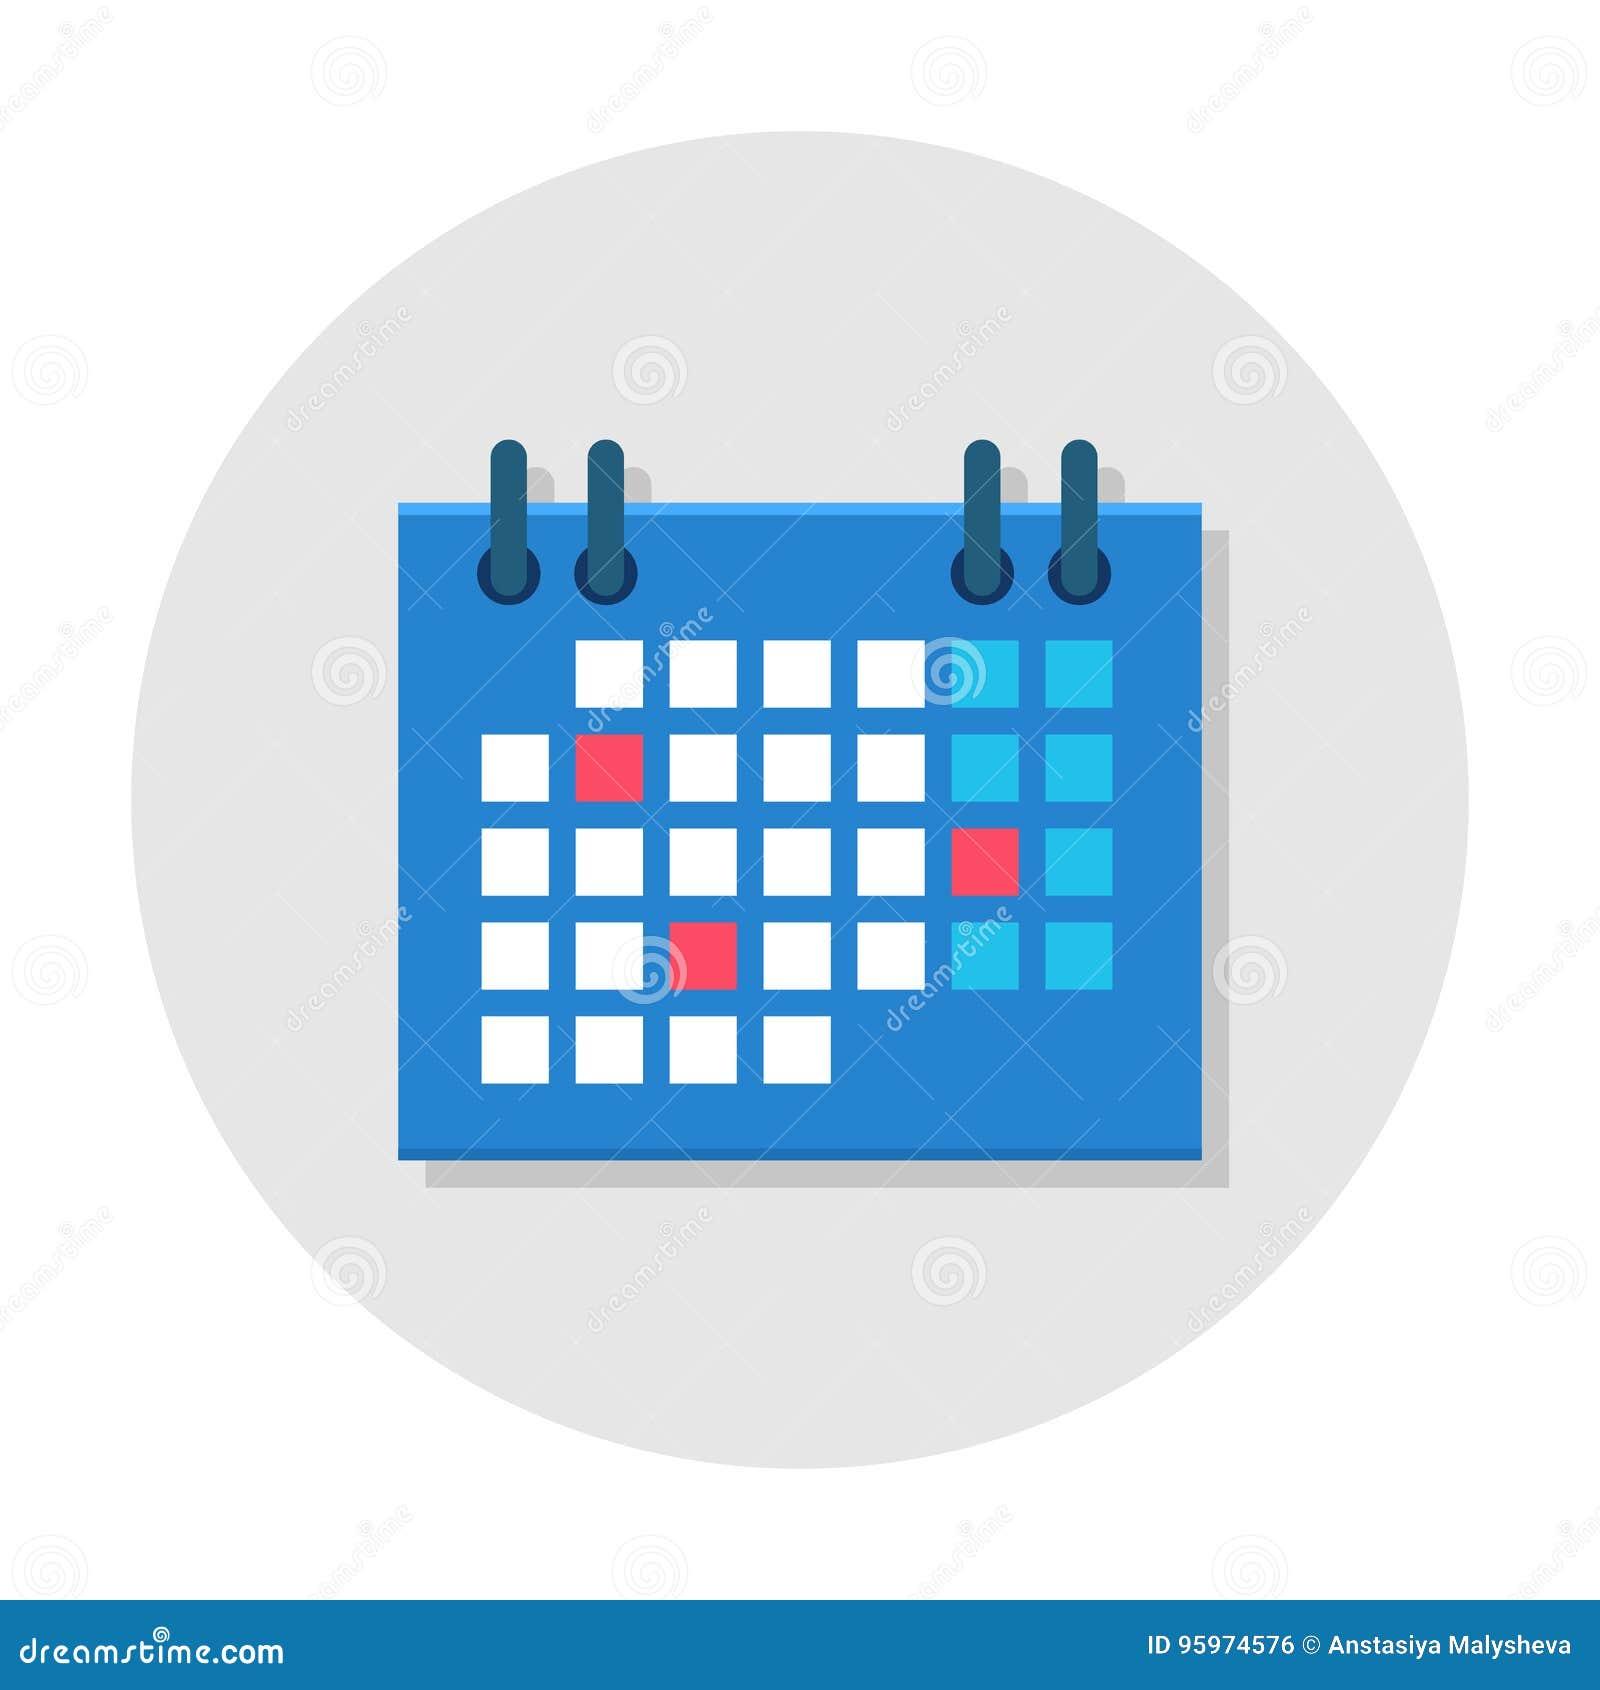 Ημερολογιακό επίπεδο εικονίδιο